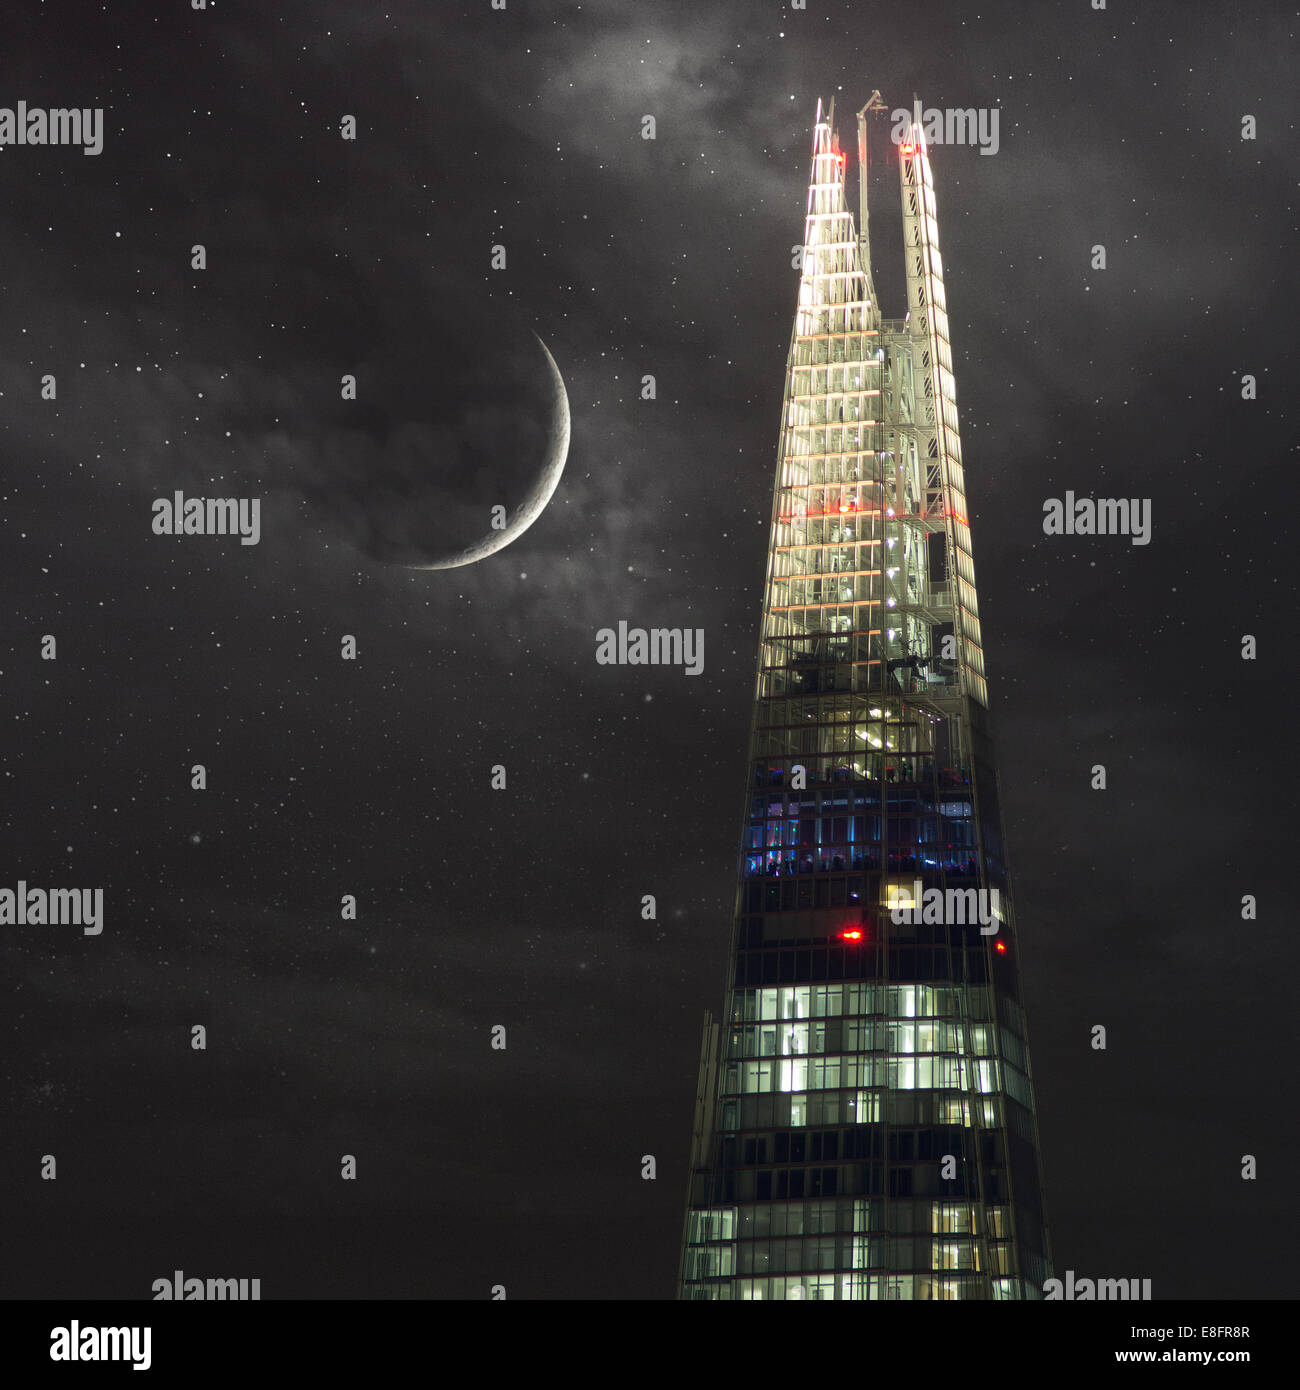 Vereinigtes Königreich, London, Splitter in der Nacht Stockbild